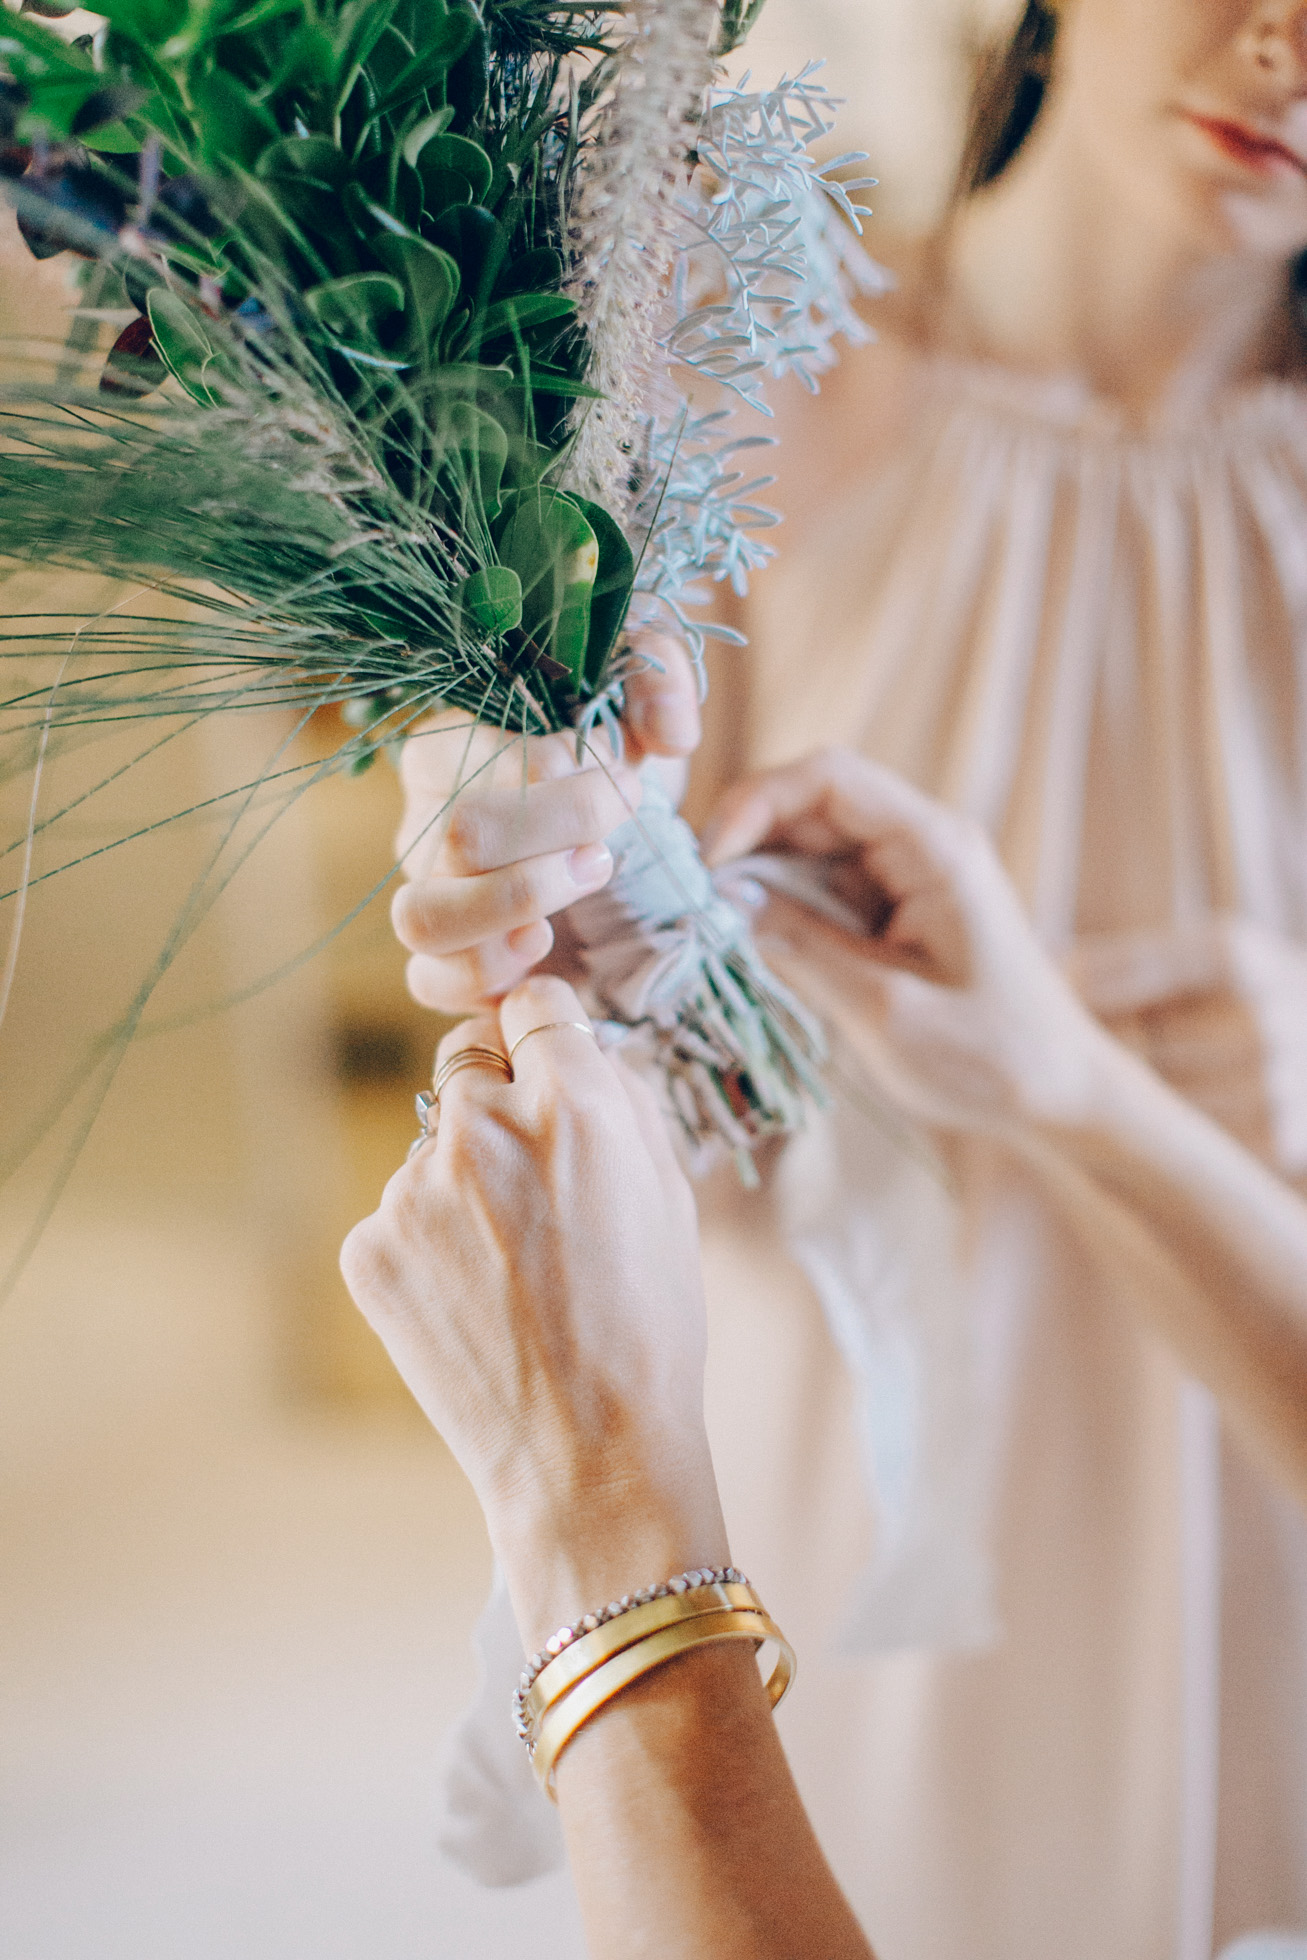 Metohi kindelis wedding dress